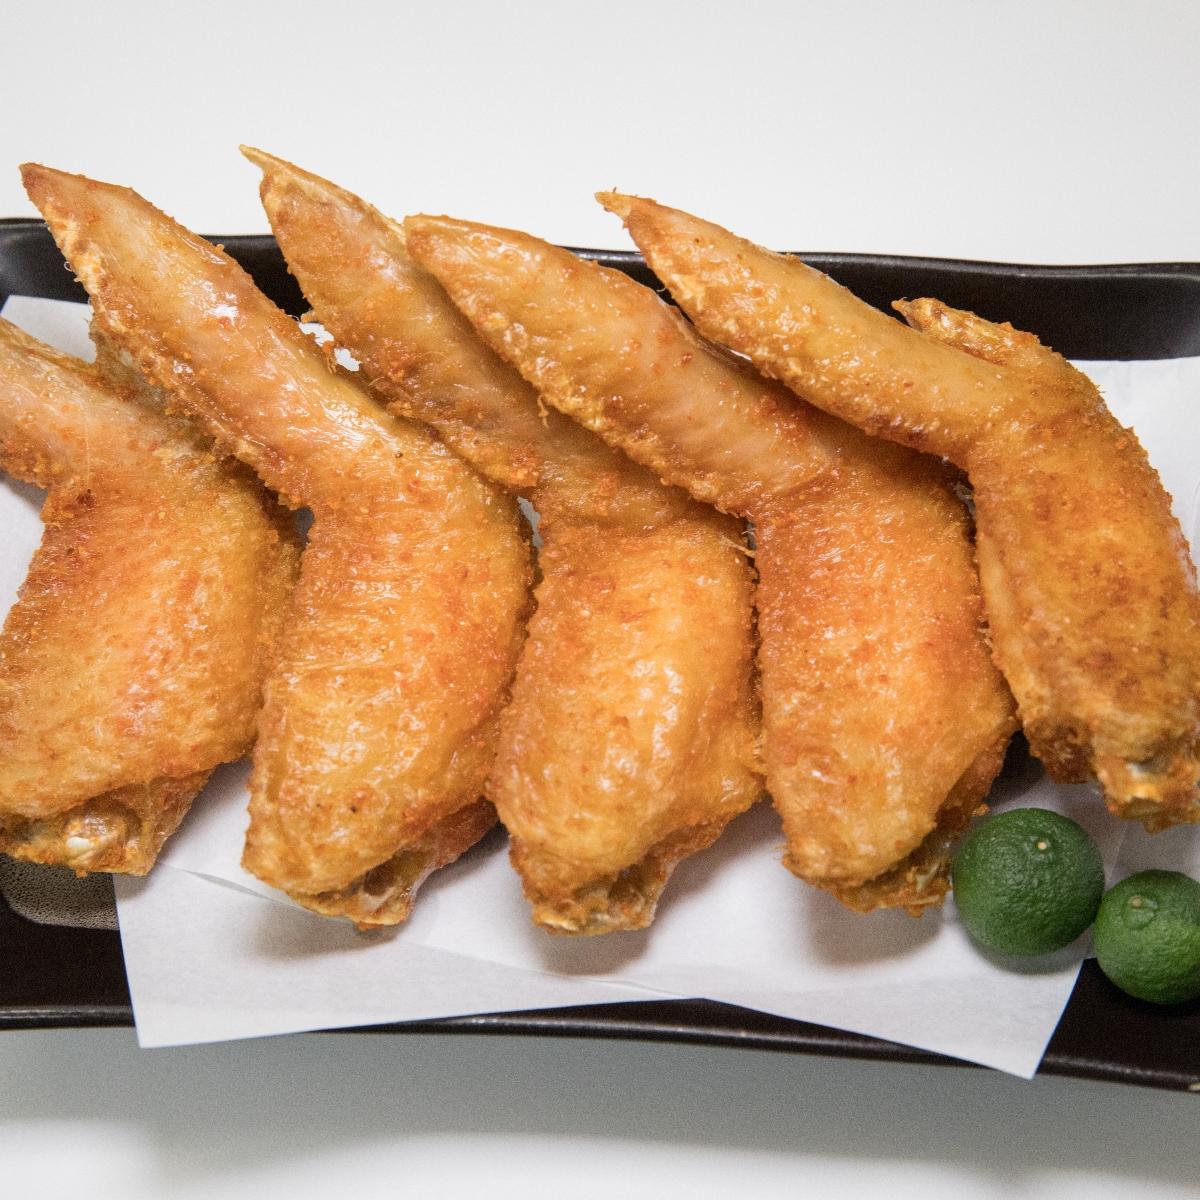 【ふるさと納税】IZM03 徳島グルメフェス フライドチキン部門第2位! 絶品・阿波尾鶏手羽先 20本入り